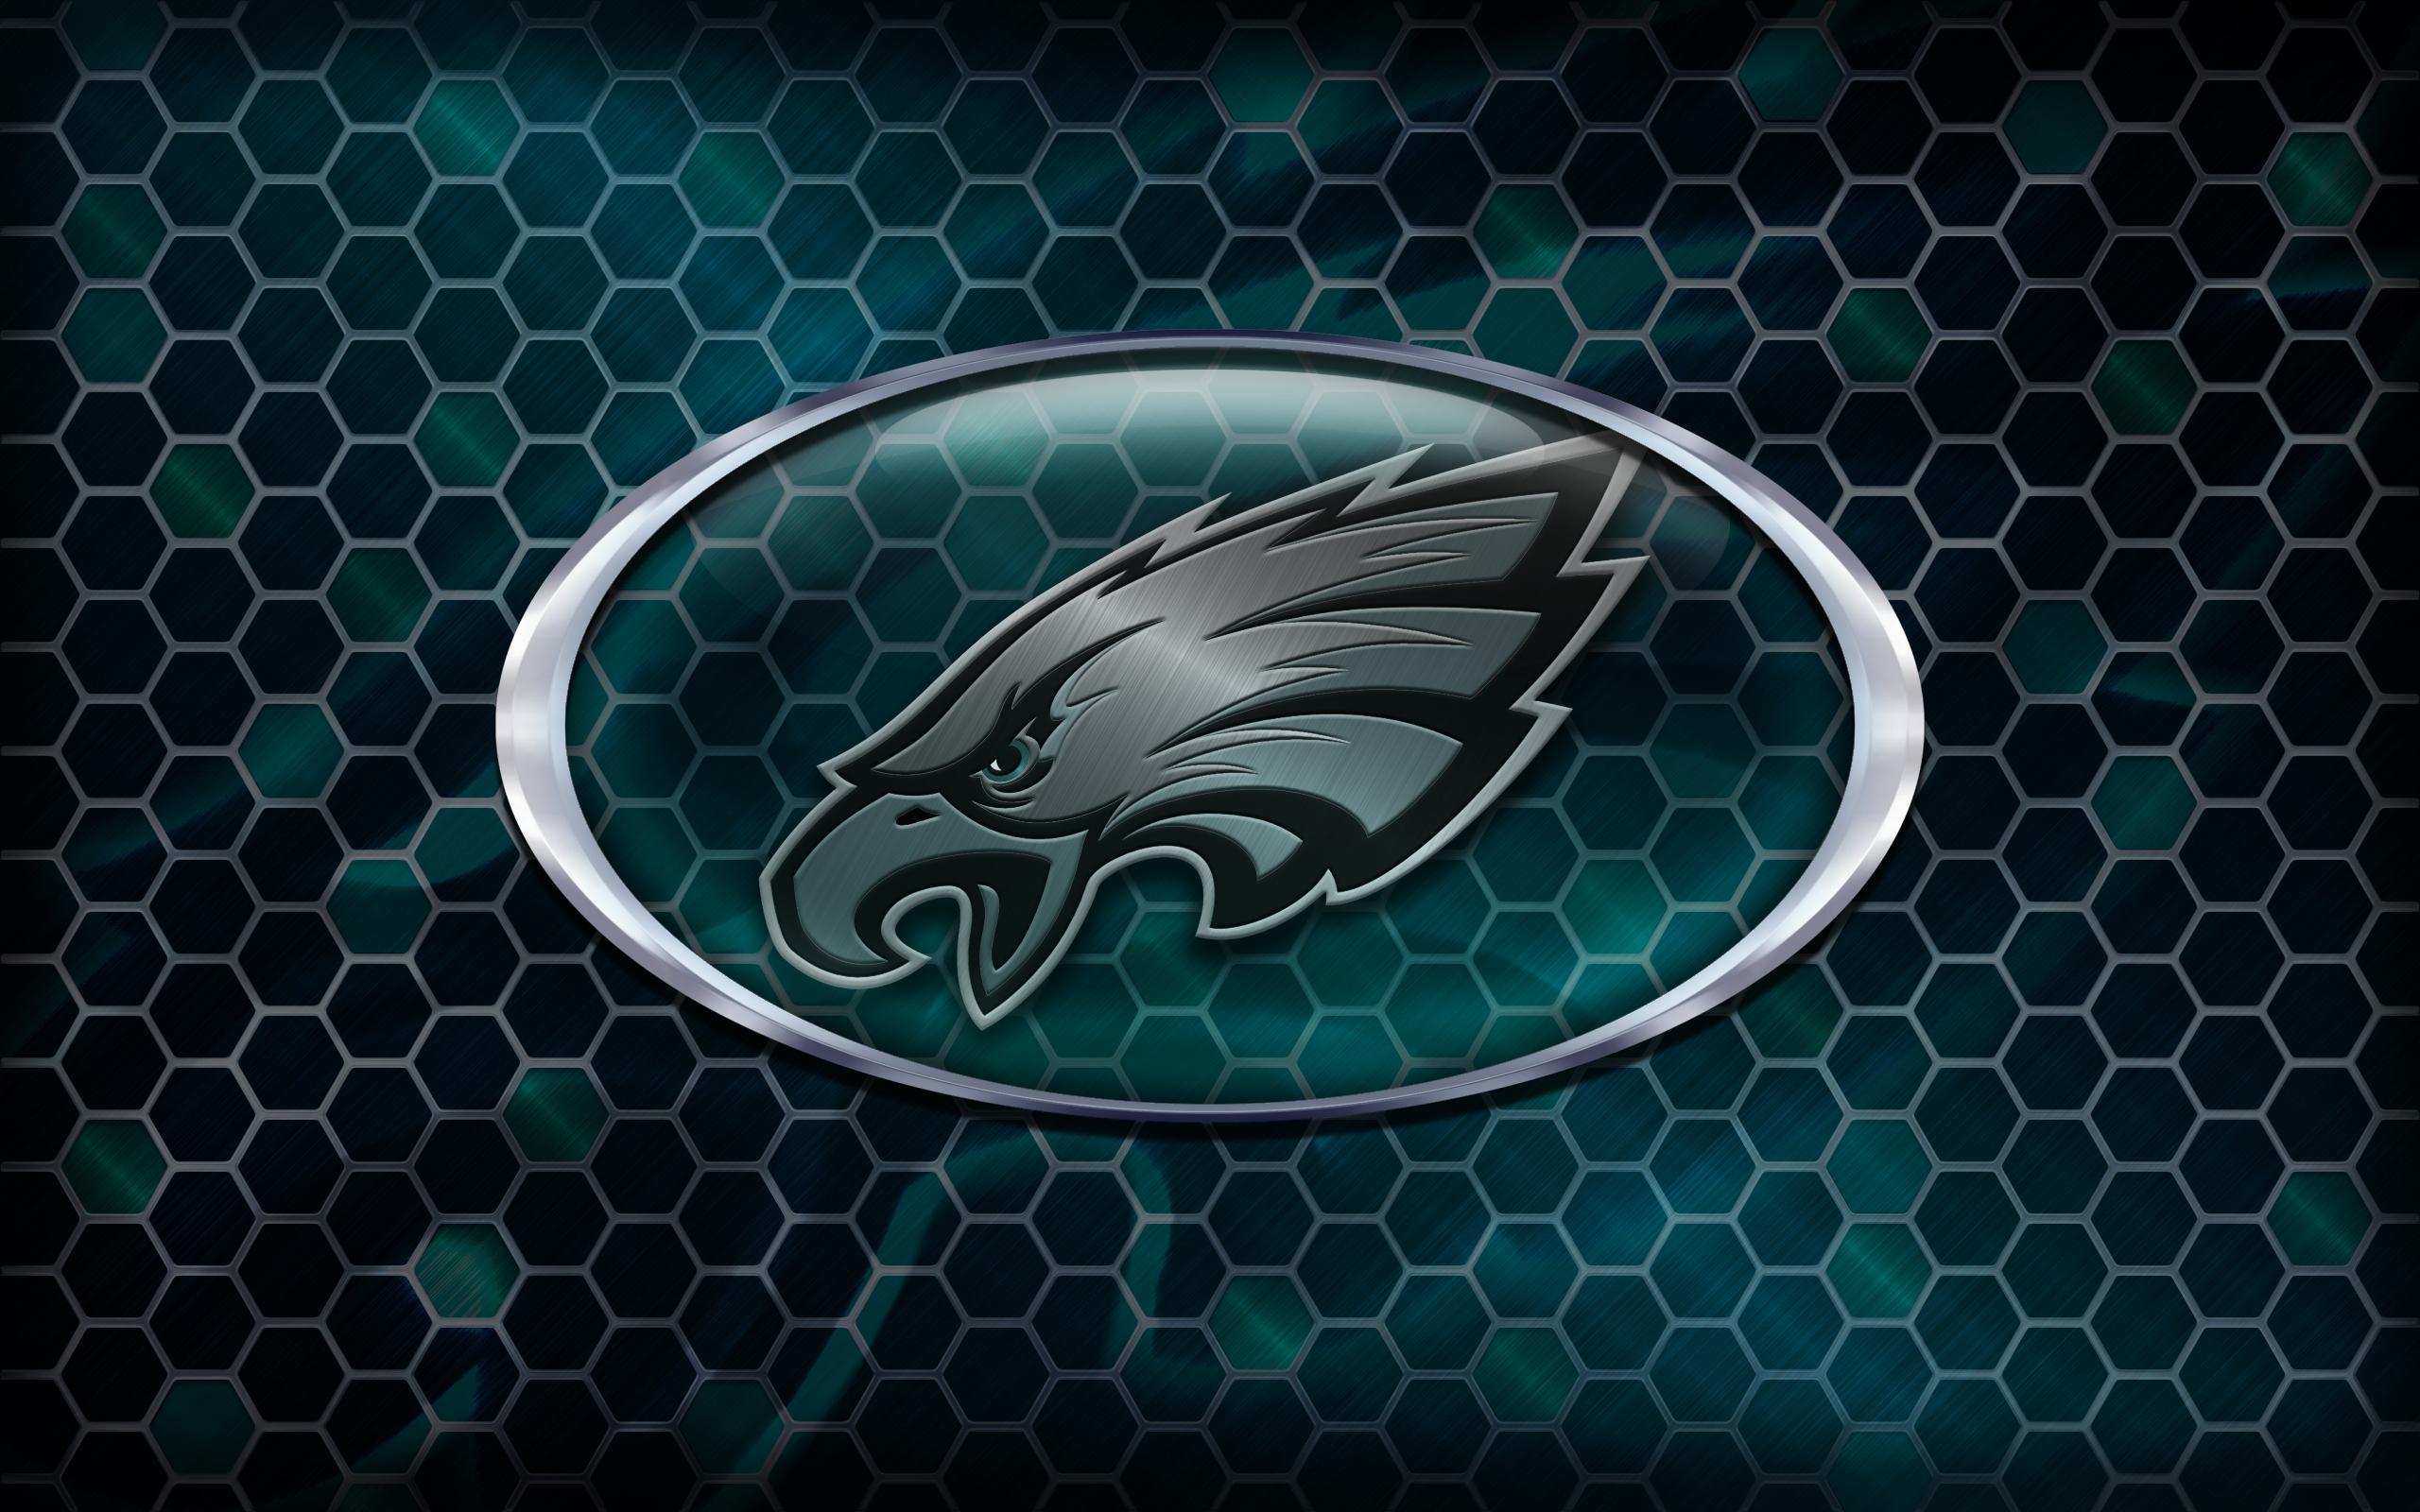 Philadelphia Eagles Logo photo